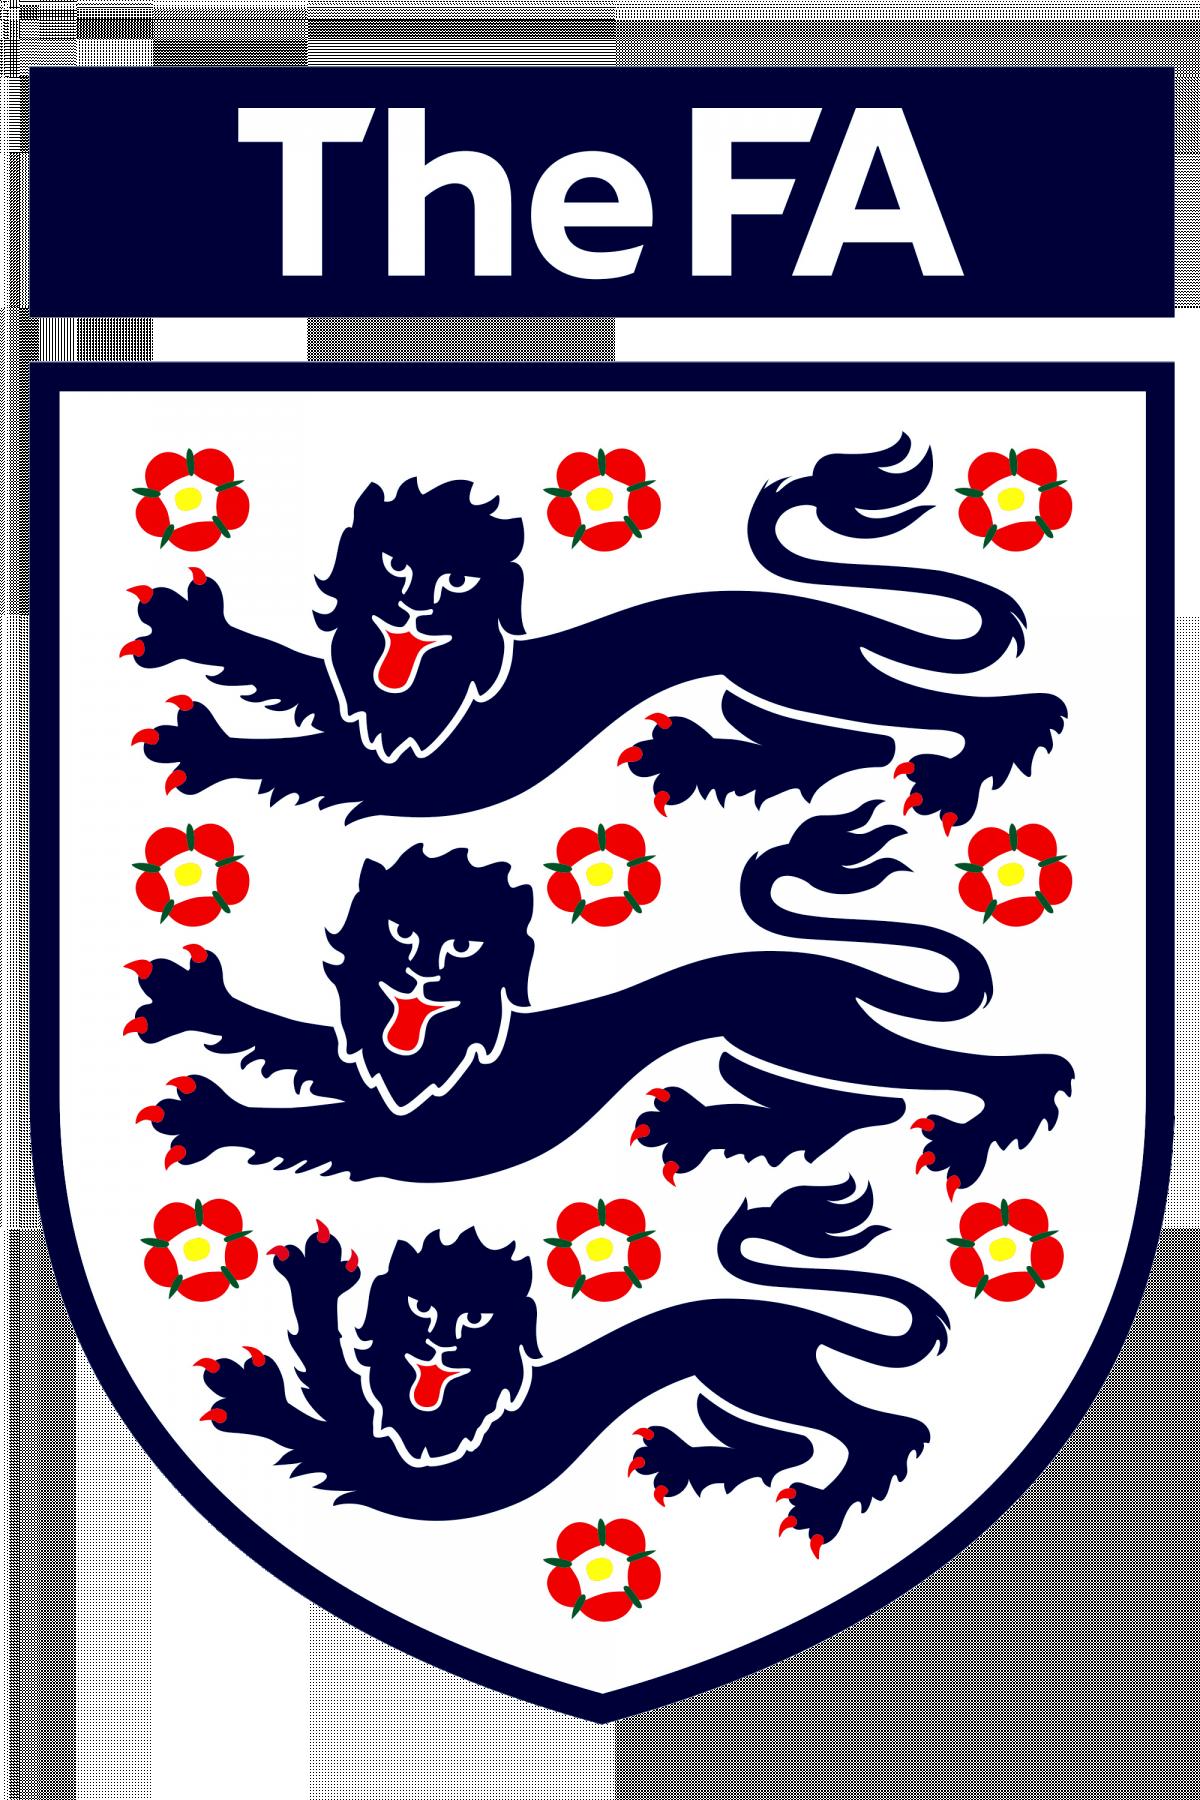 Футбольная Ассоциация Англии привезет сокращенную делегацию на ЧМ в Россию / sportonline.ua